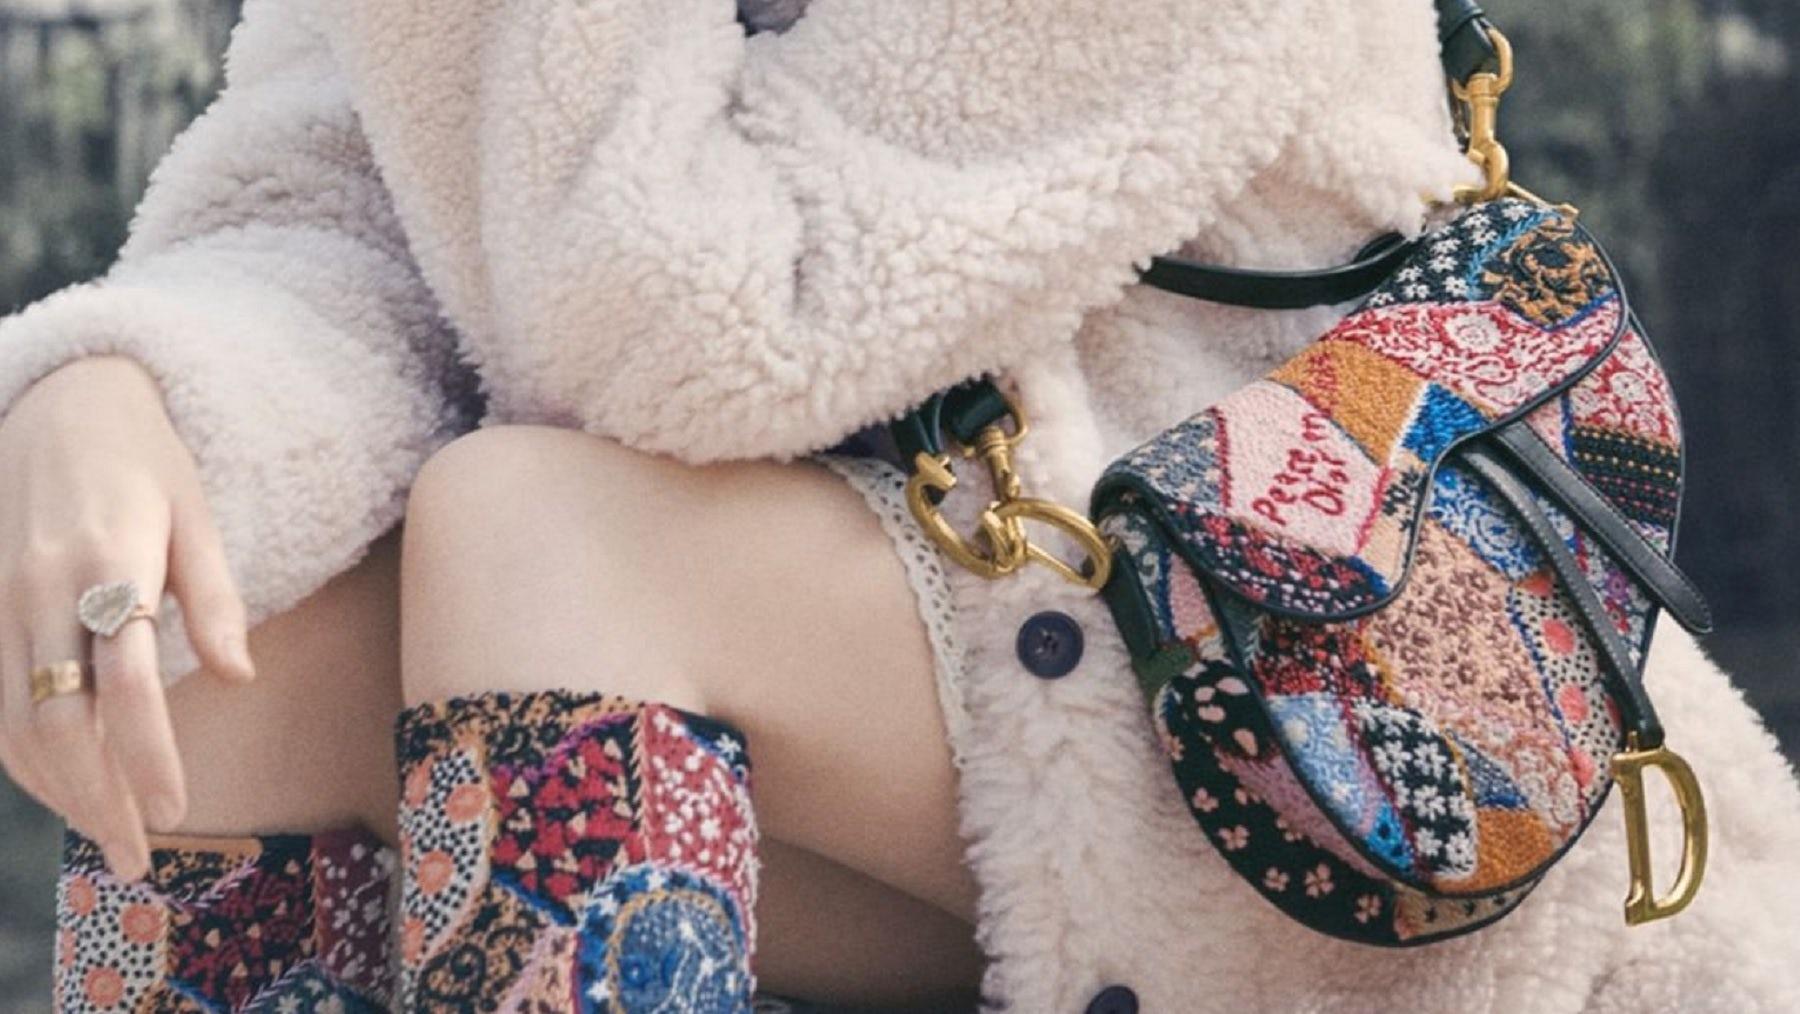 Dior saddle bag | Source: Pamela Hanson for Dior